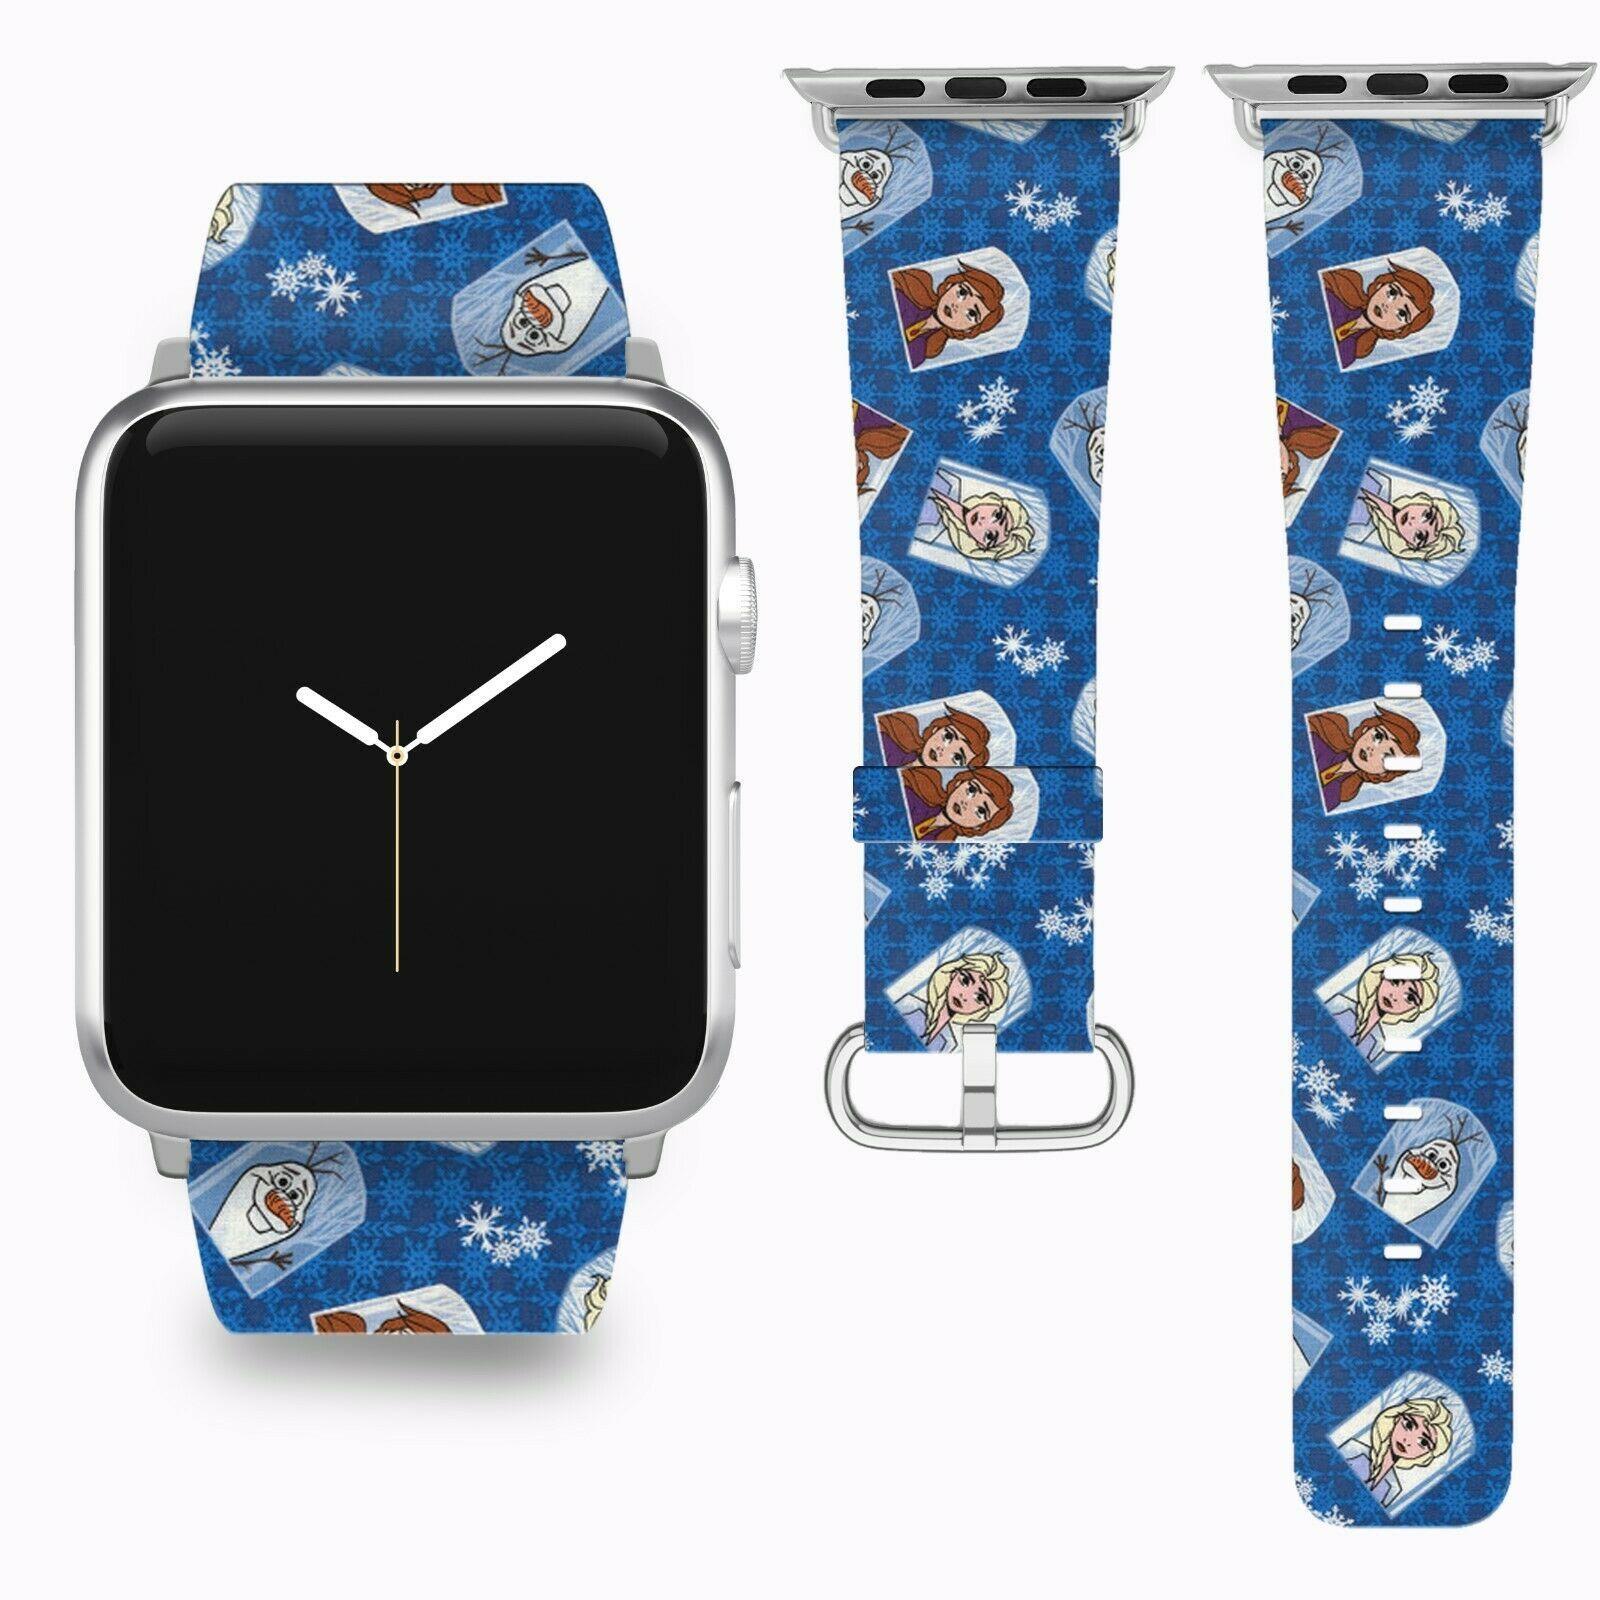 Frozen II 2 Apple Watch Band 38 40 42 44 mm Disney 5 1 2 3 4 Wrist Strap 2 - $24.99 - $27.99